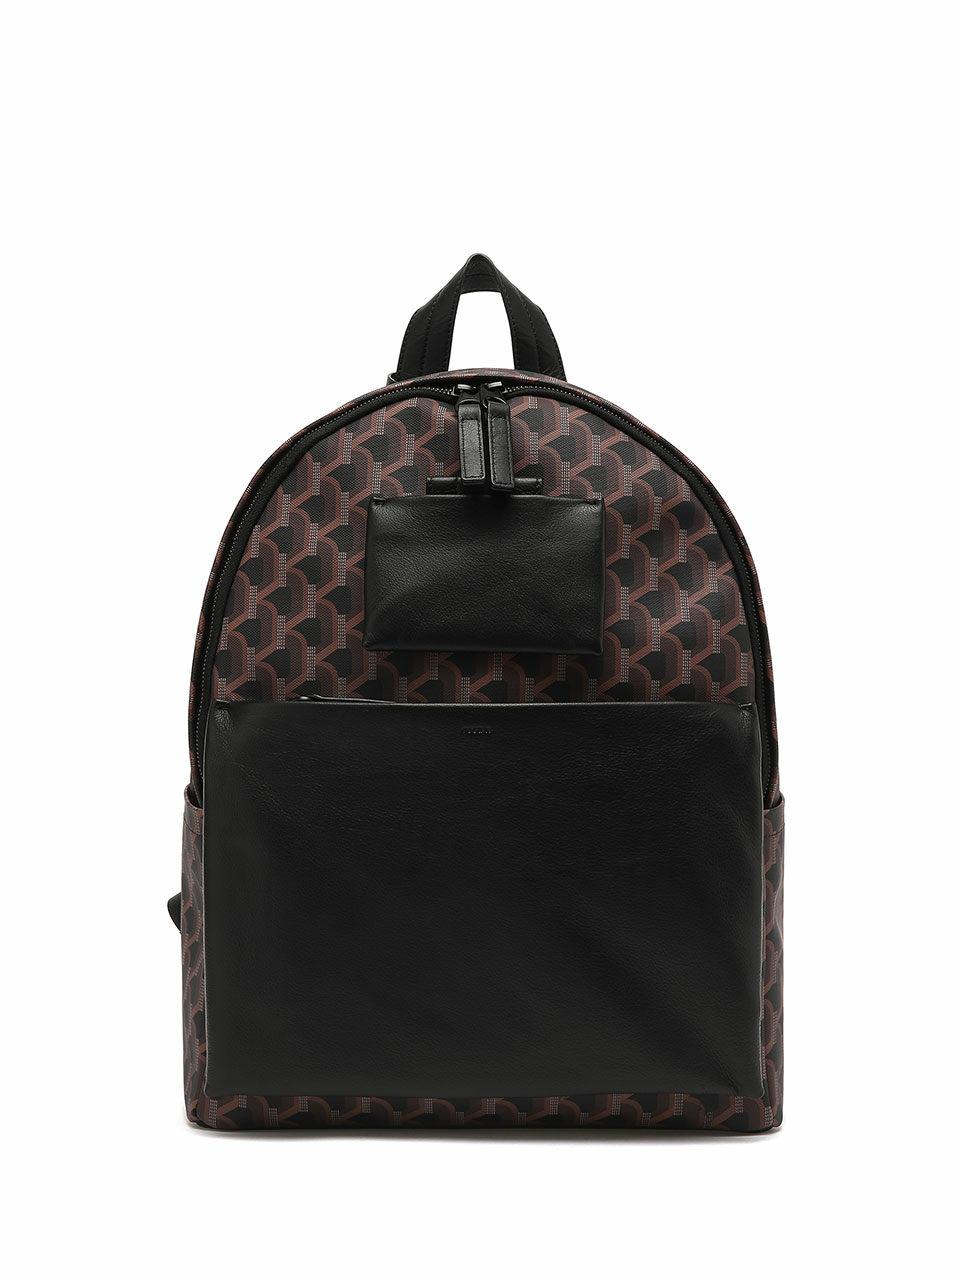 Voyage Monogram Backpack - Brown